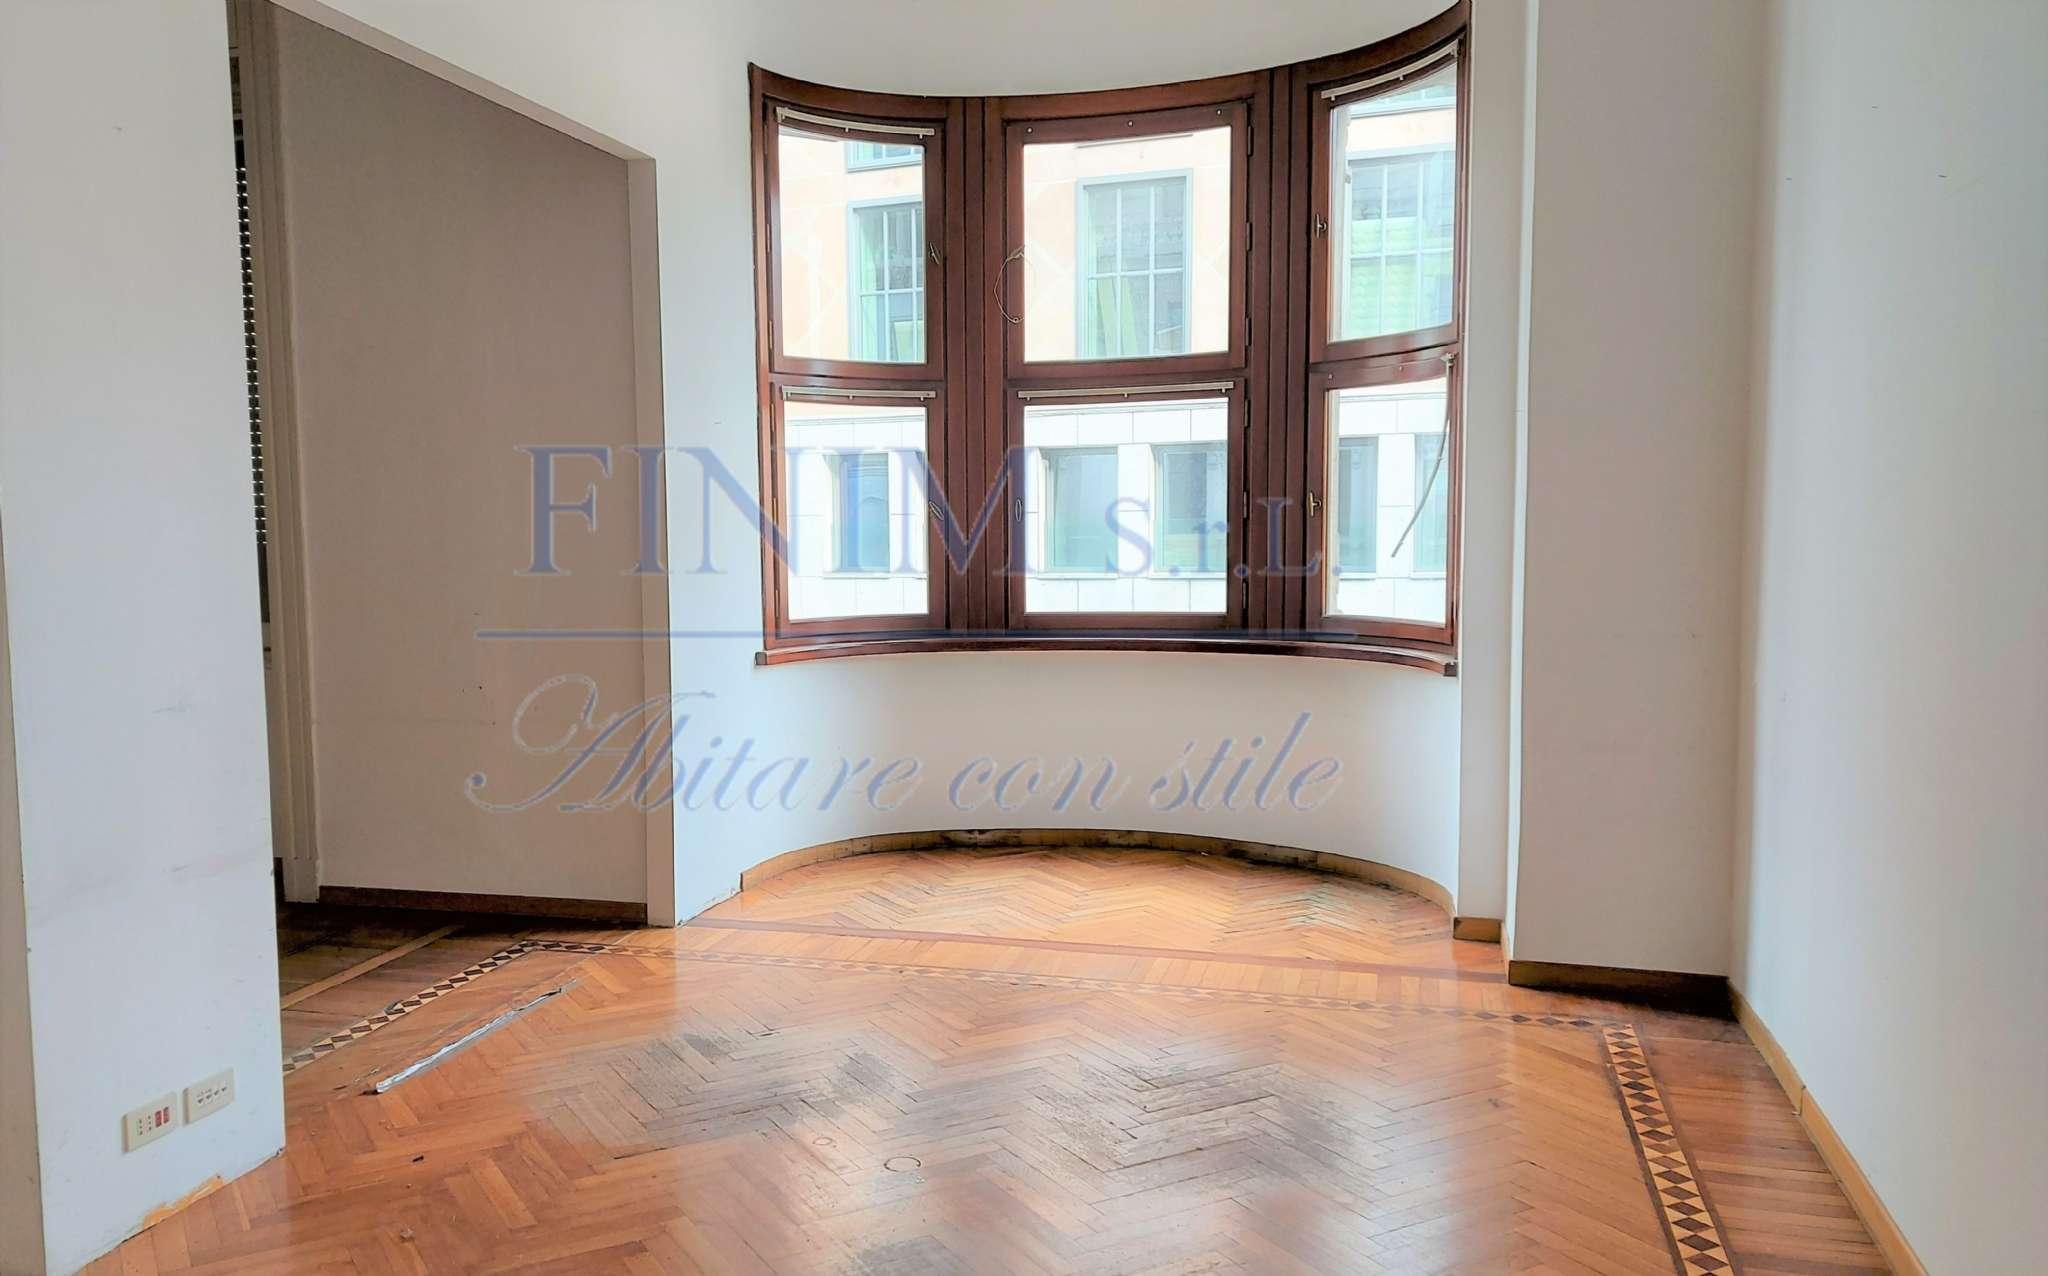 Ufficio-studio in Affitto a Milano 01 Centro storico (Cerchia dei Navigli): 5 locali, 580 mq